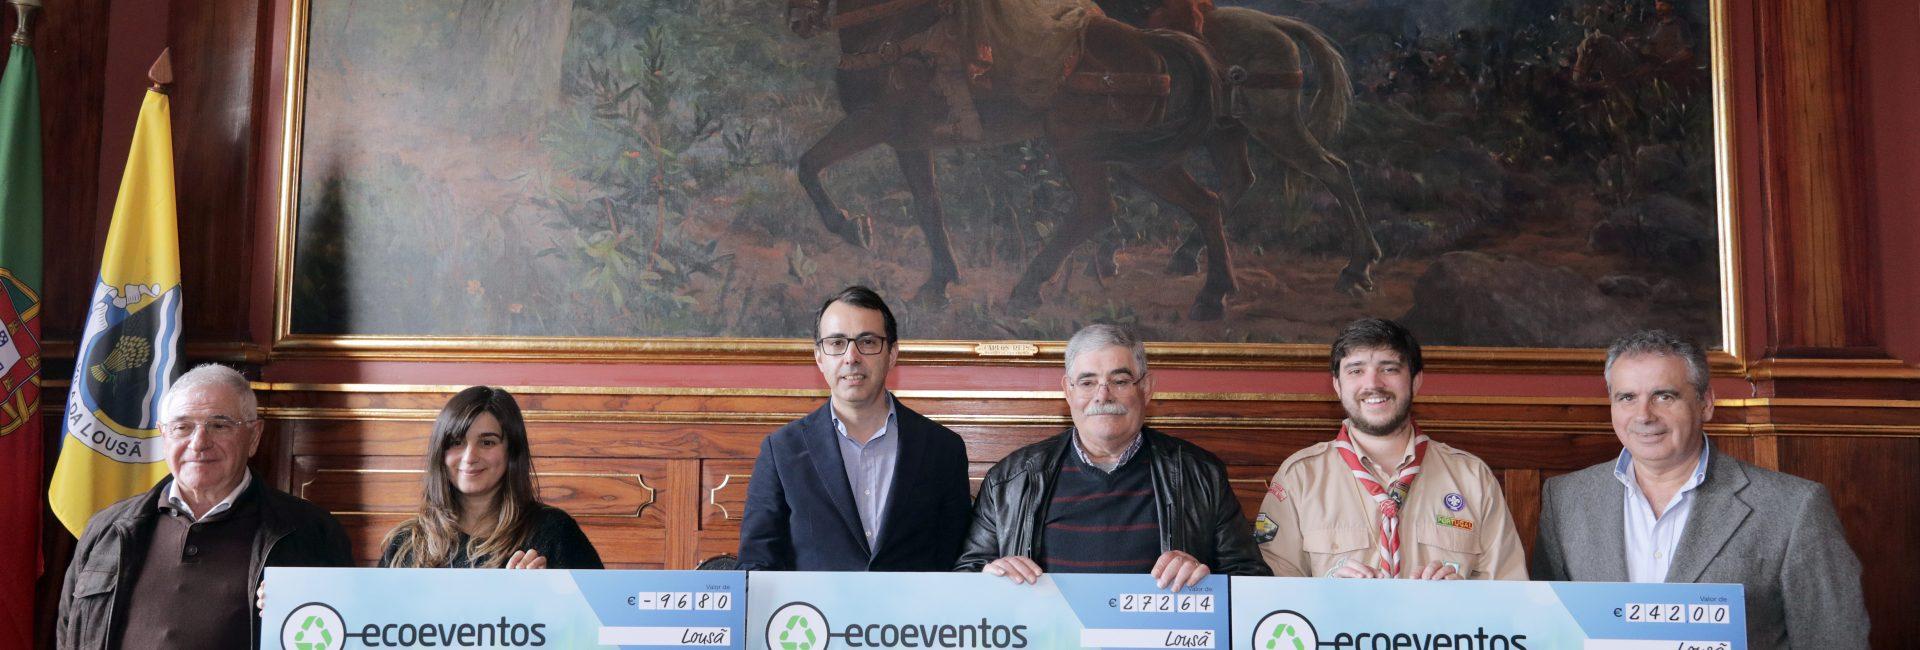 Autarquia e ERSUC entregam donativos a três entidades do Concelho